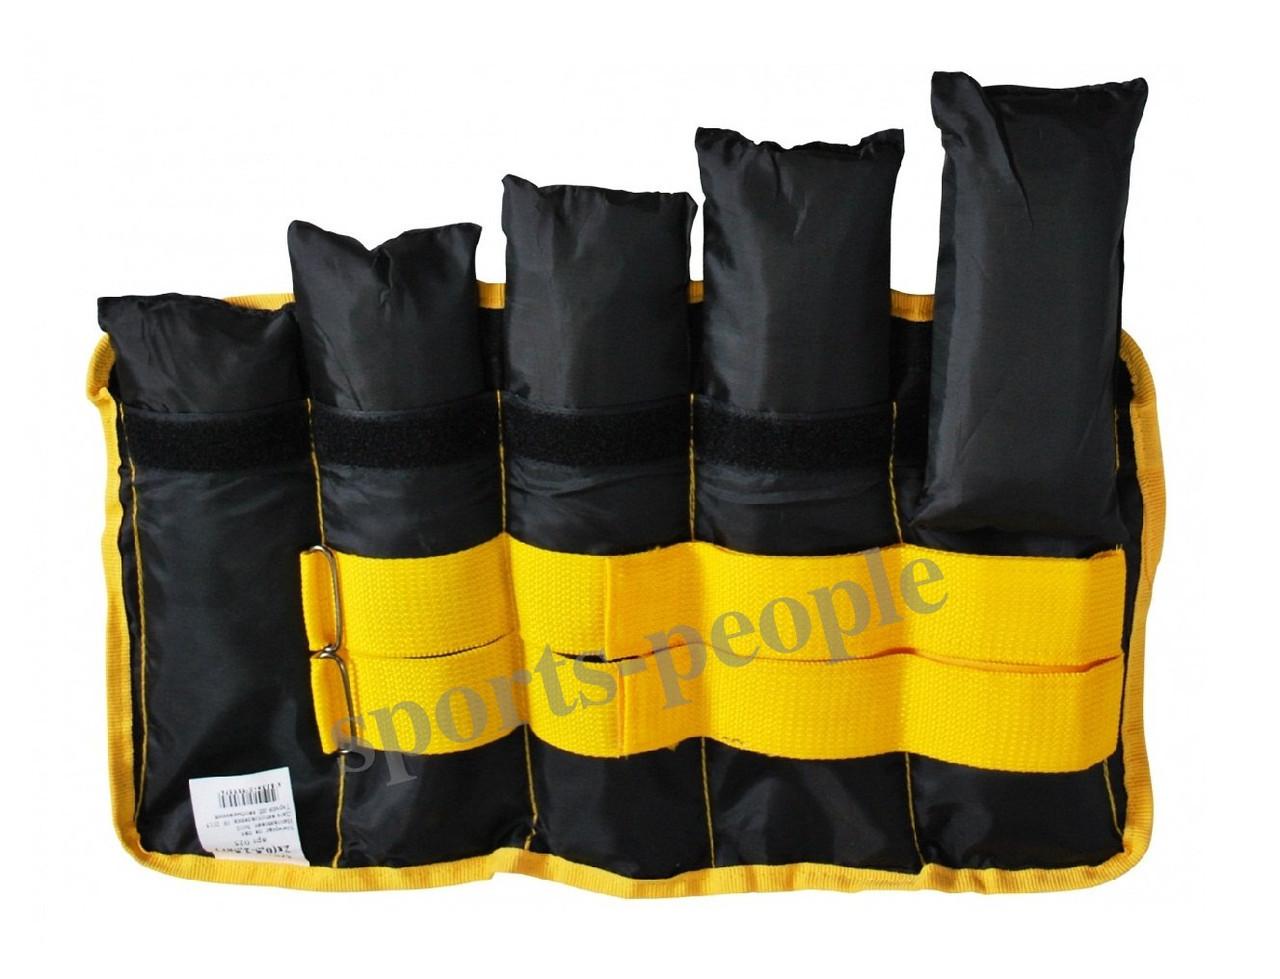 Обважнювачі складальні, для рук і ніг, - 2 шт.: 0.5-2.5 кг кожен (регулюється).